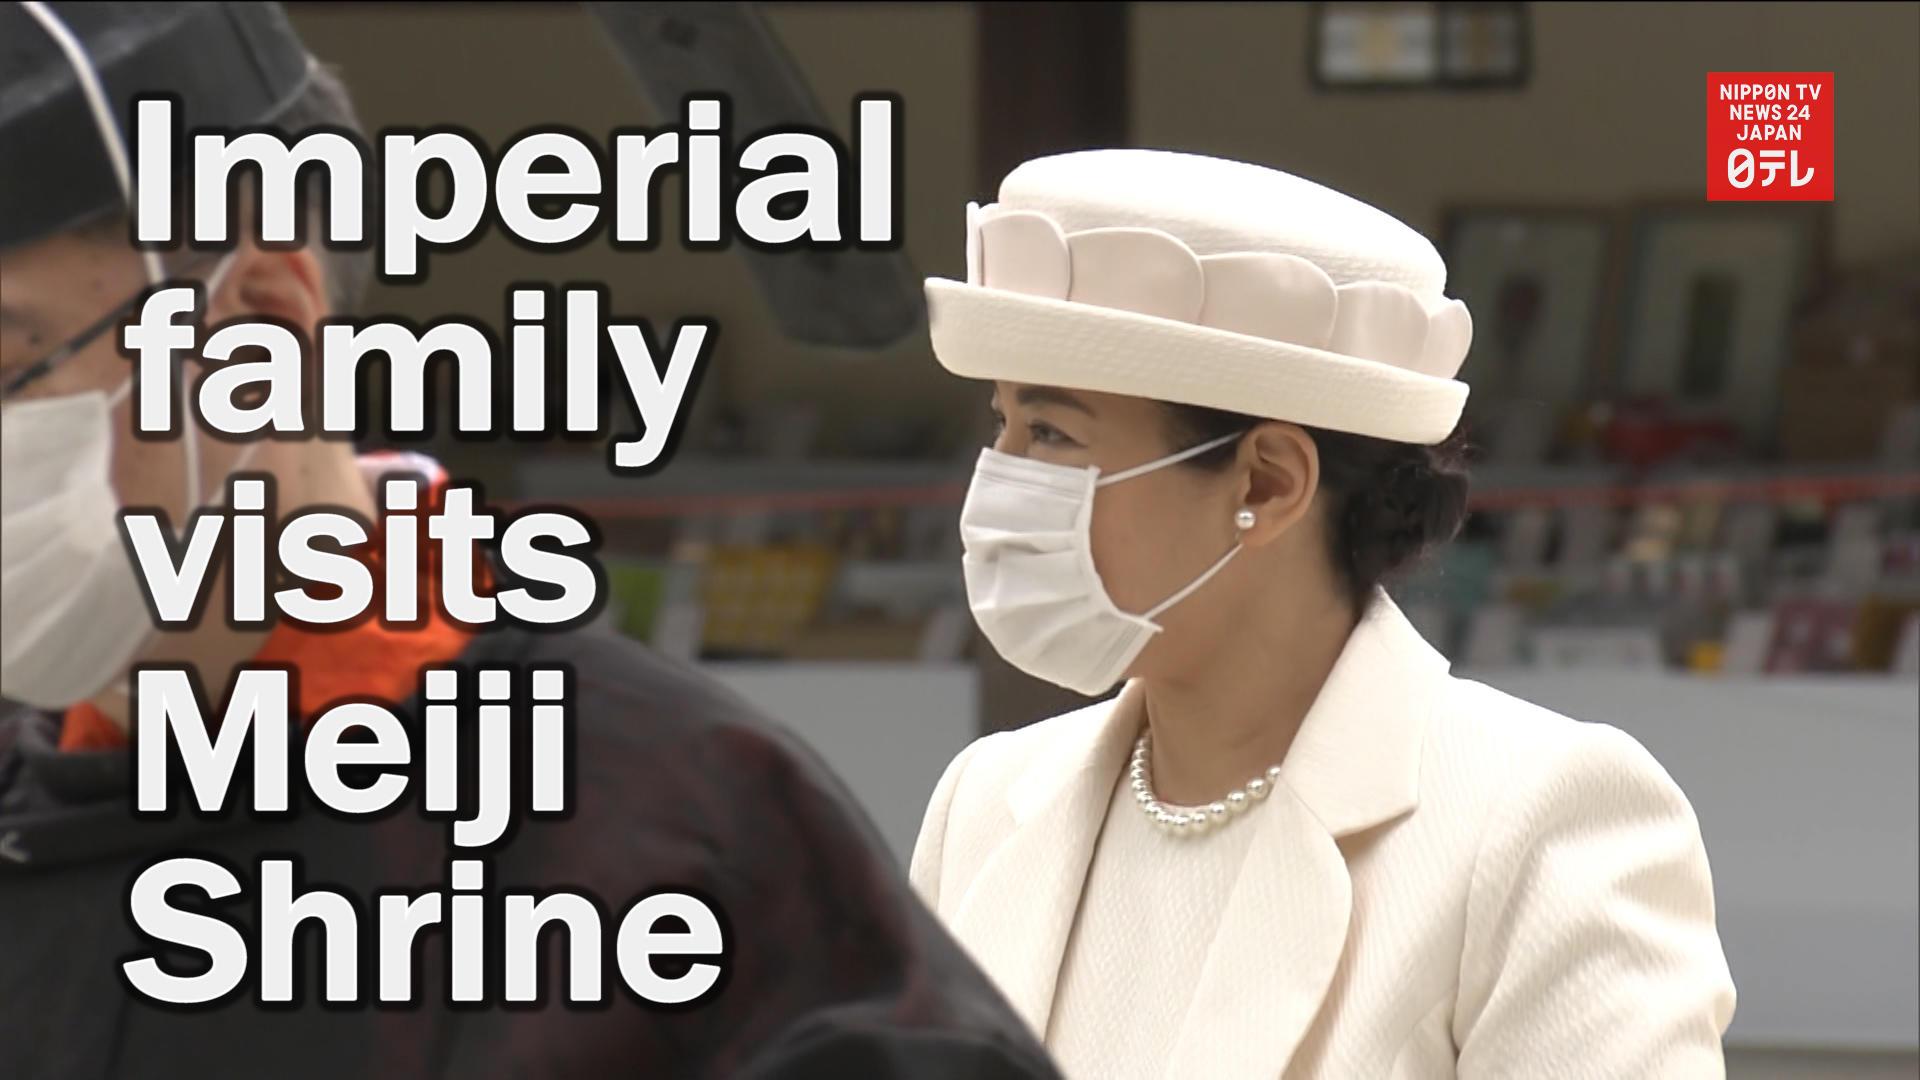 Imperial family visits Meiji Shrine